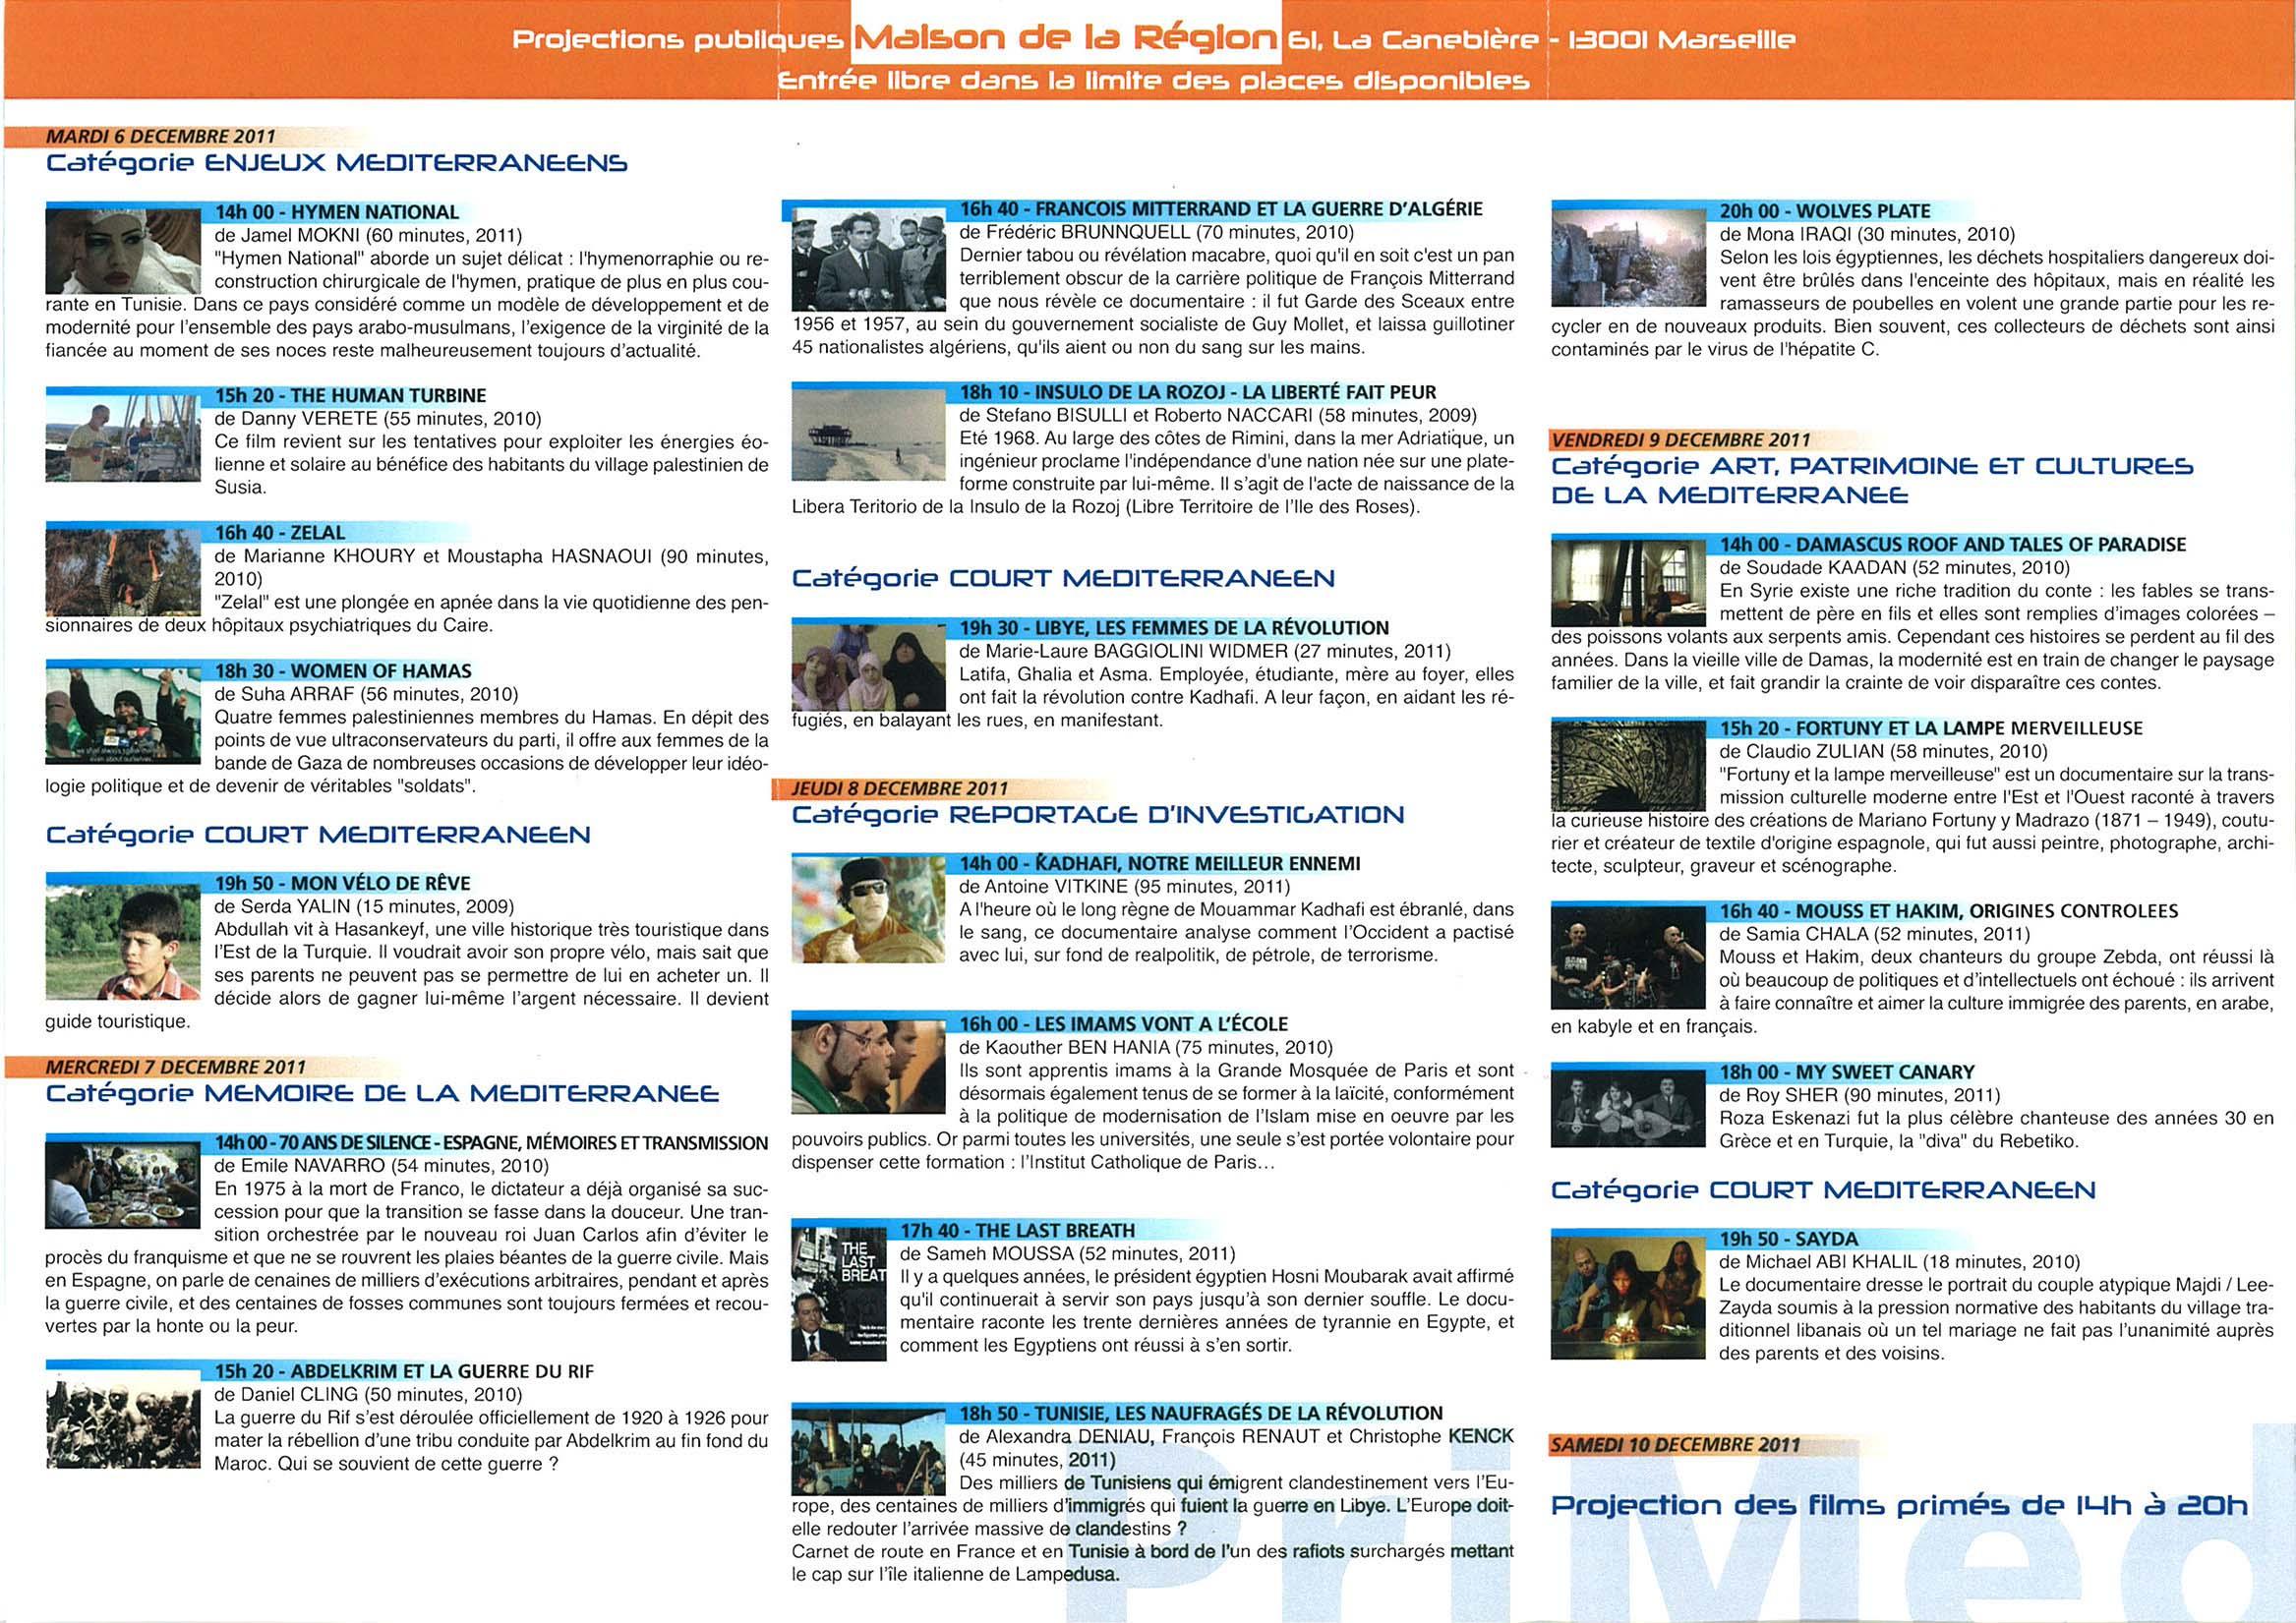 Meilleur Site Pour Photographe screenings & events program is online - primed